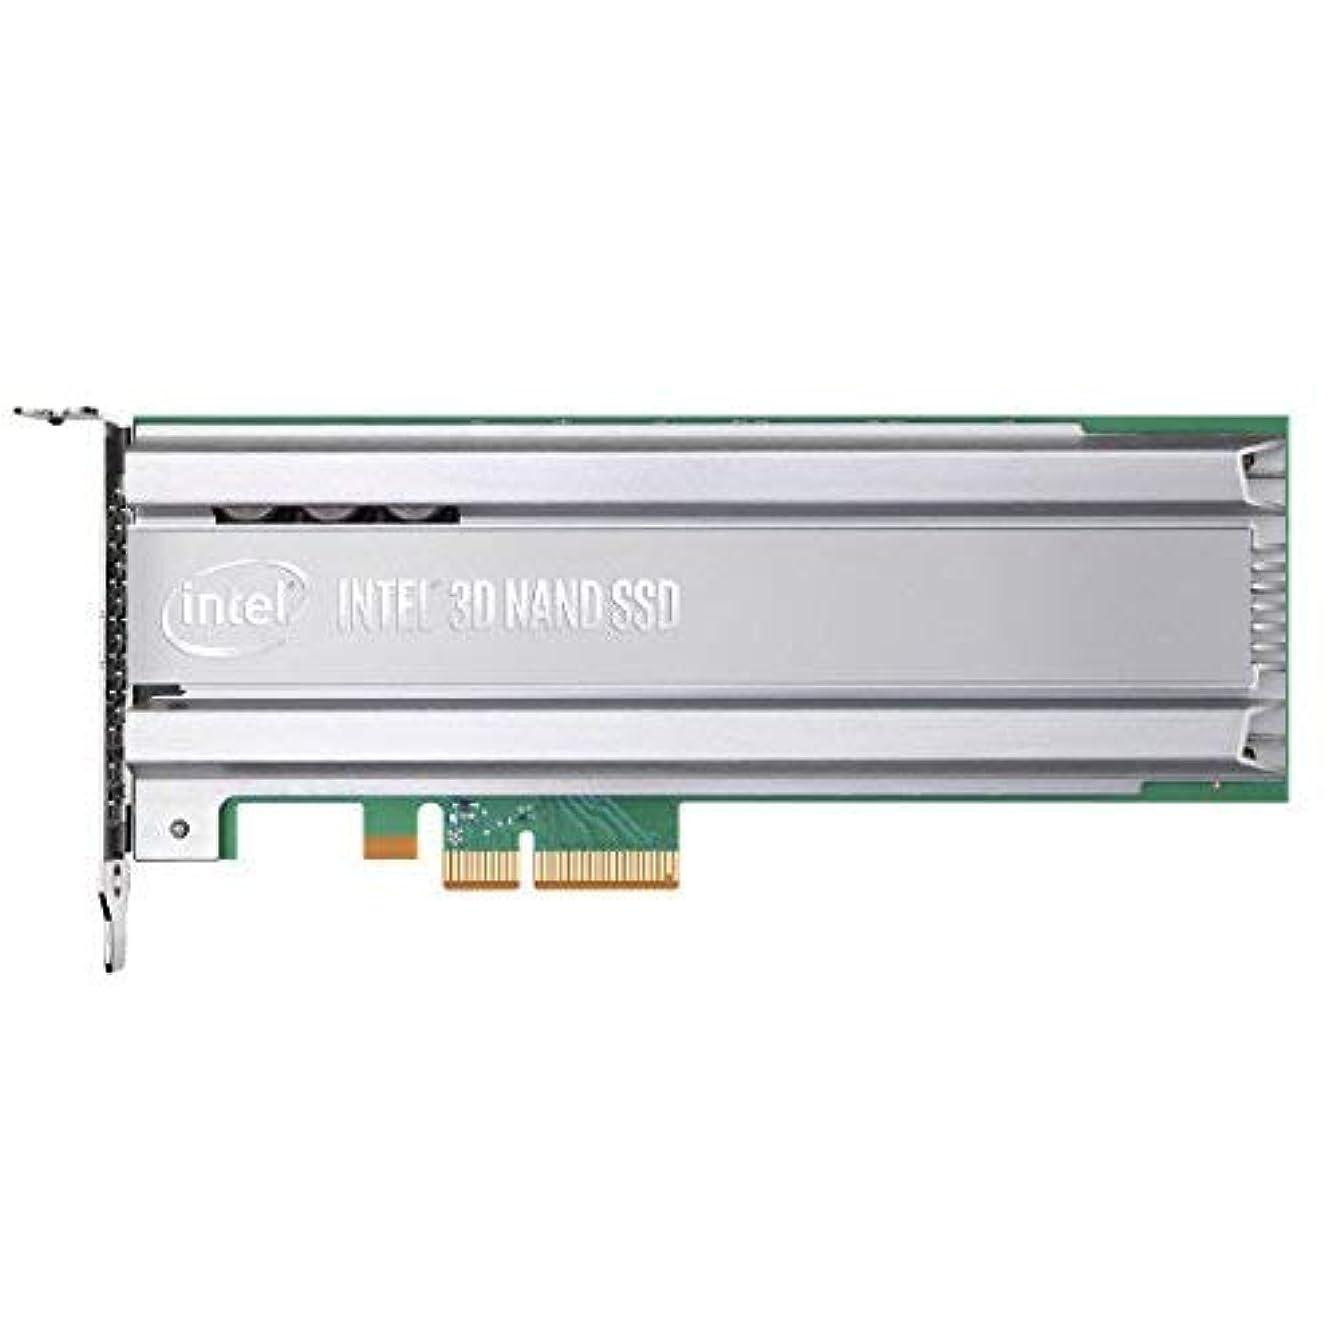 勘違いするワーカー地域のインテルDC p4500?4?TB内蔵ソリッドステートドライブ?–?PCI Express?–?3.19?GB/s最大読み取り転送レート